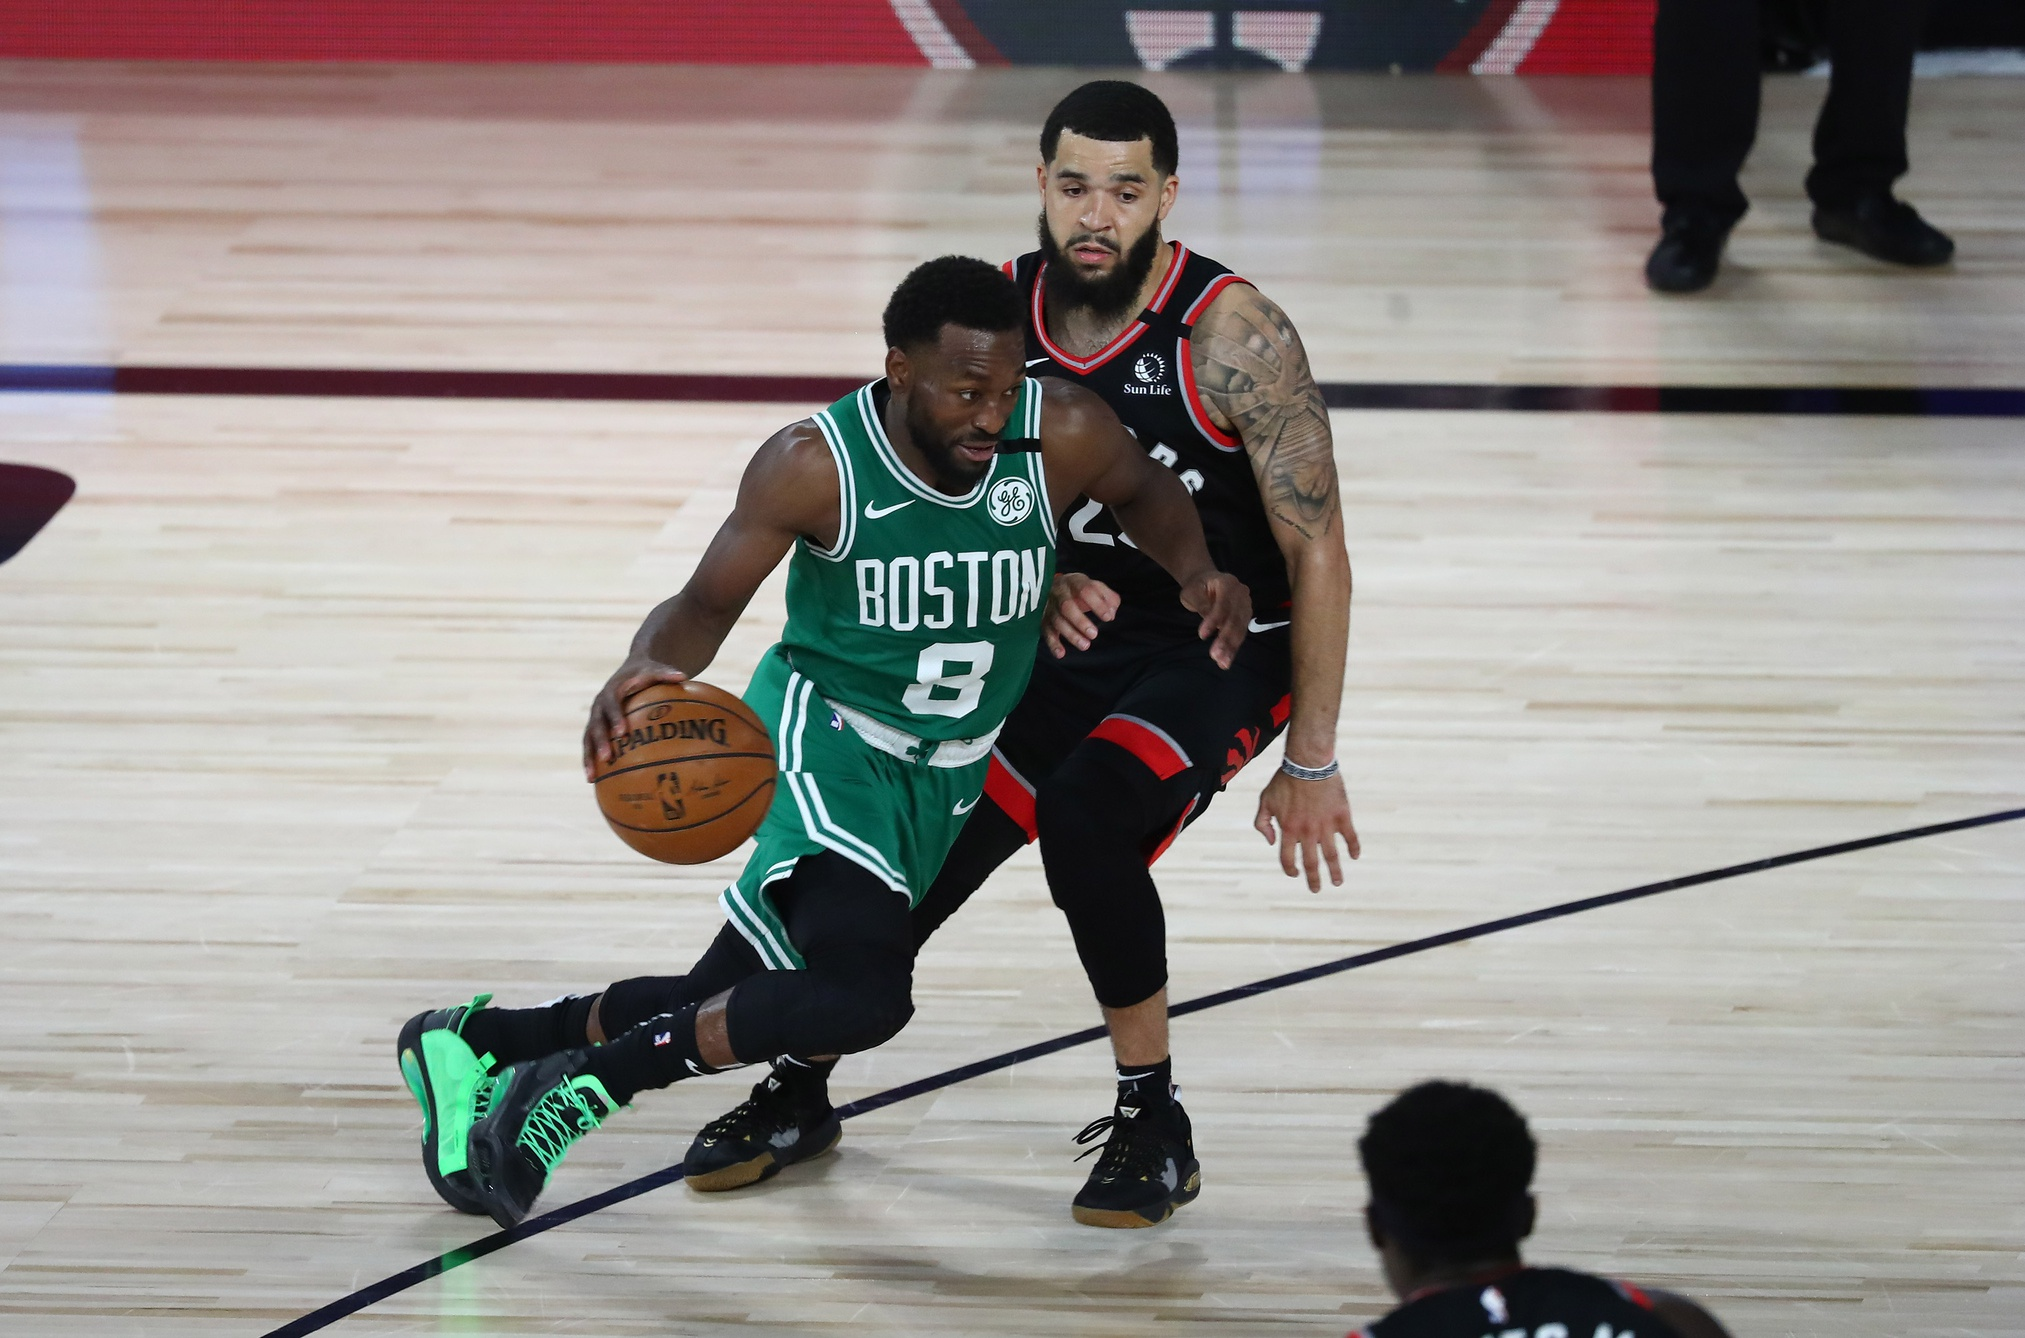 League's L2M report reveals TWO missed calls that went against Celtics